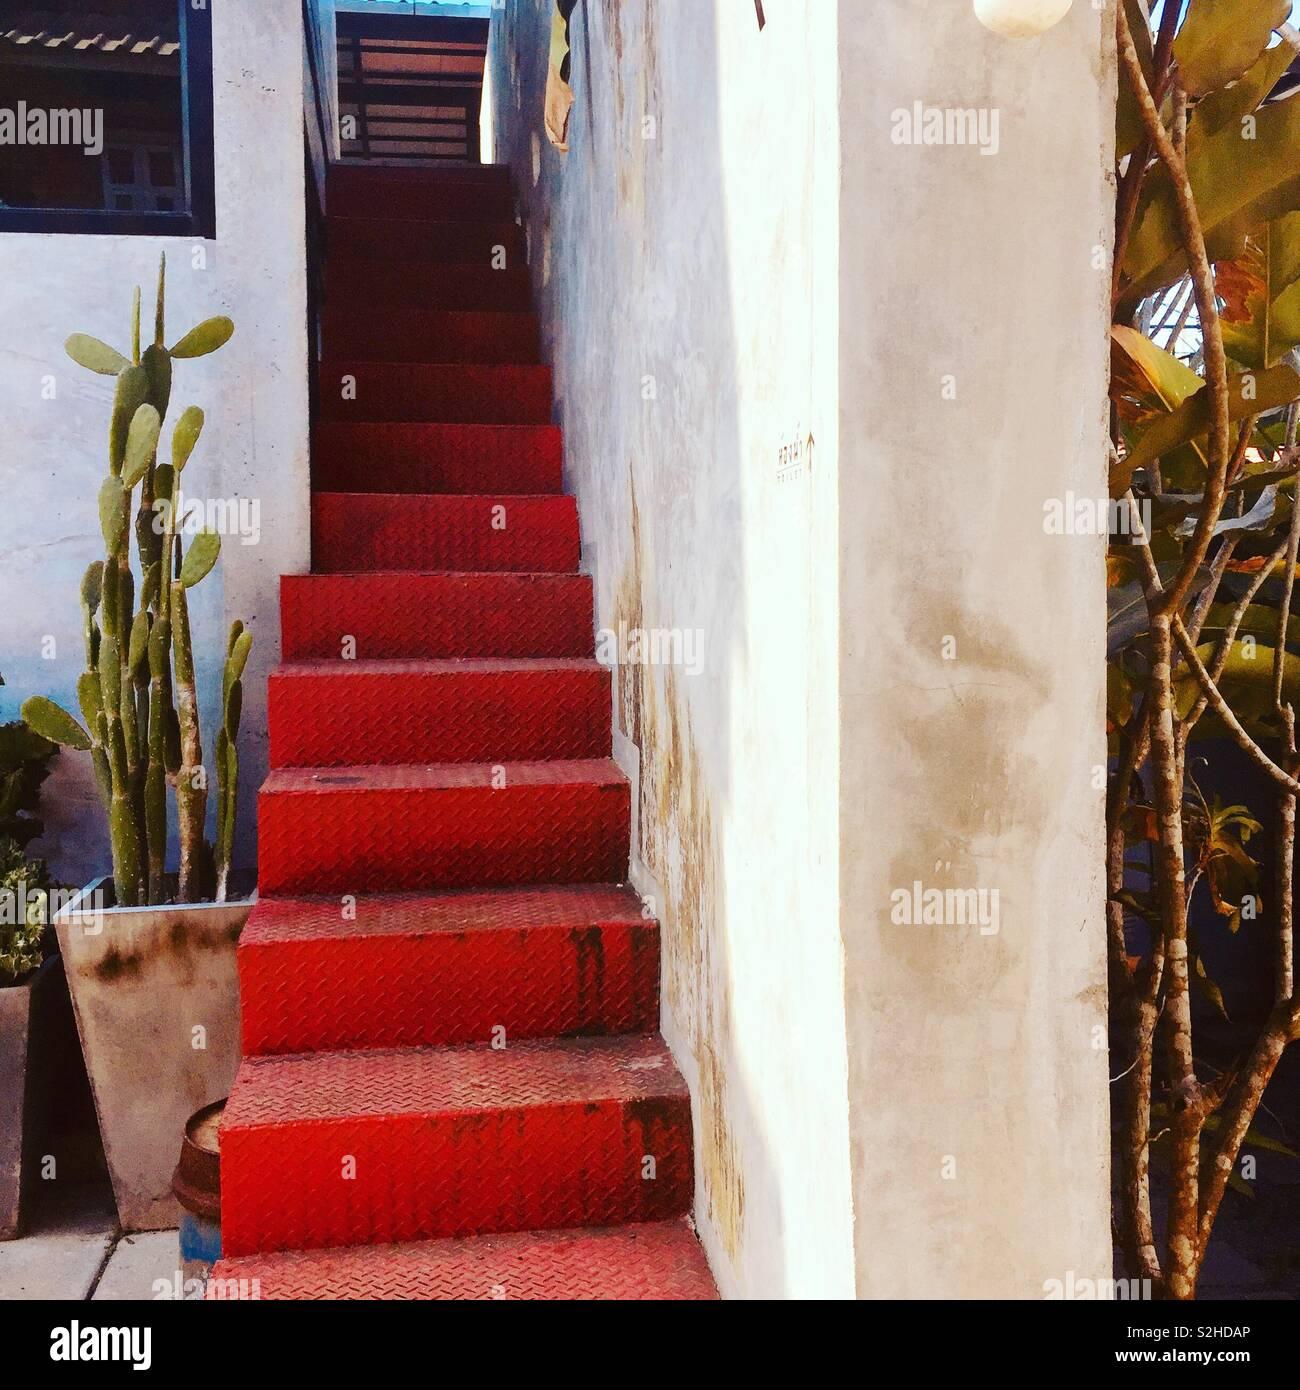 L'escalier rouge Banque D'Images